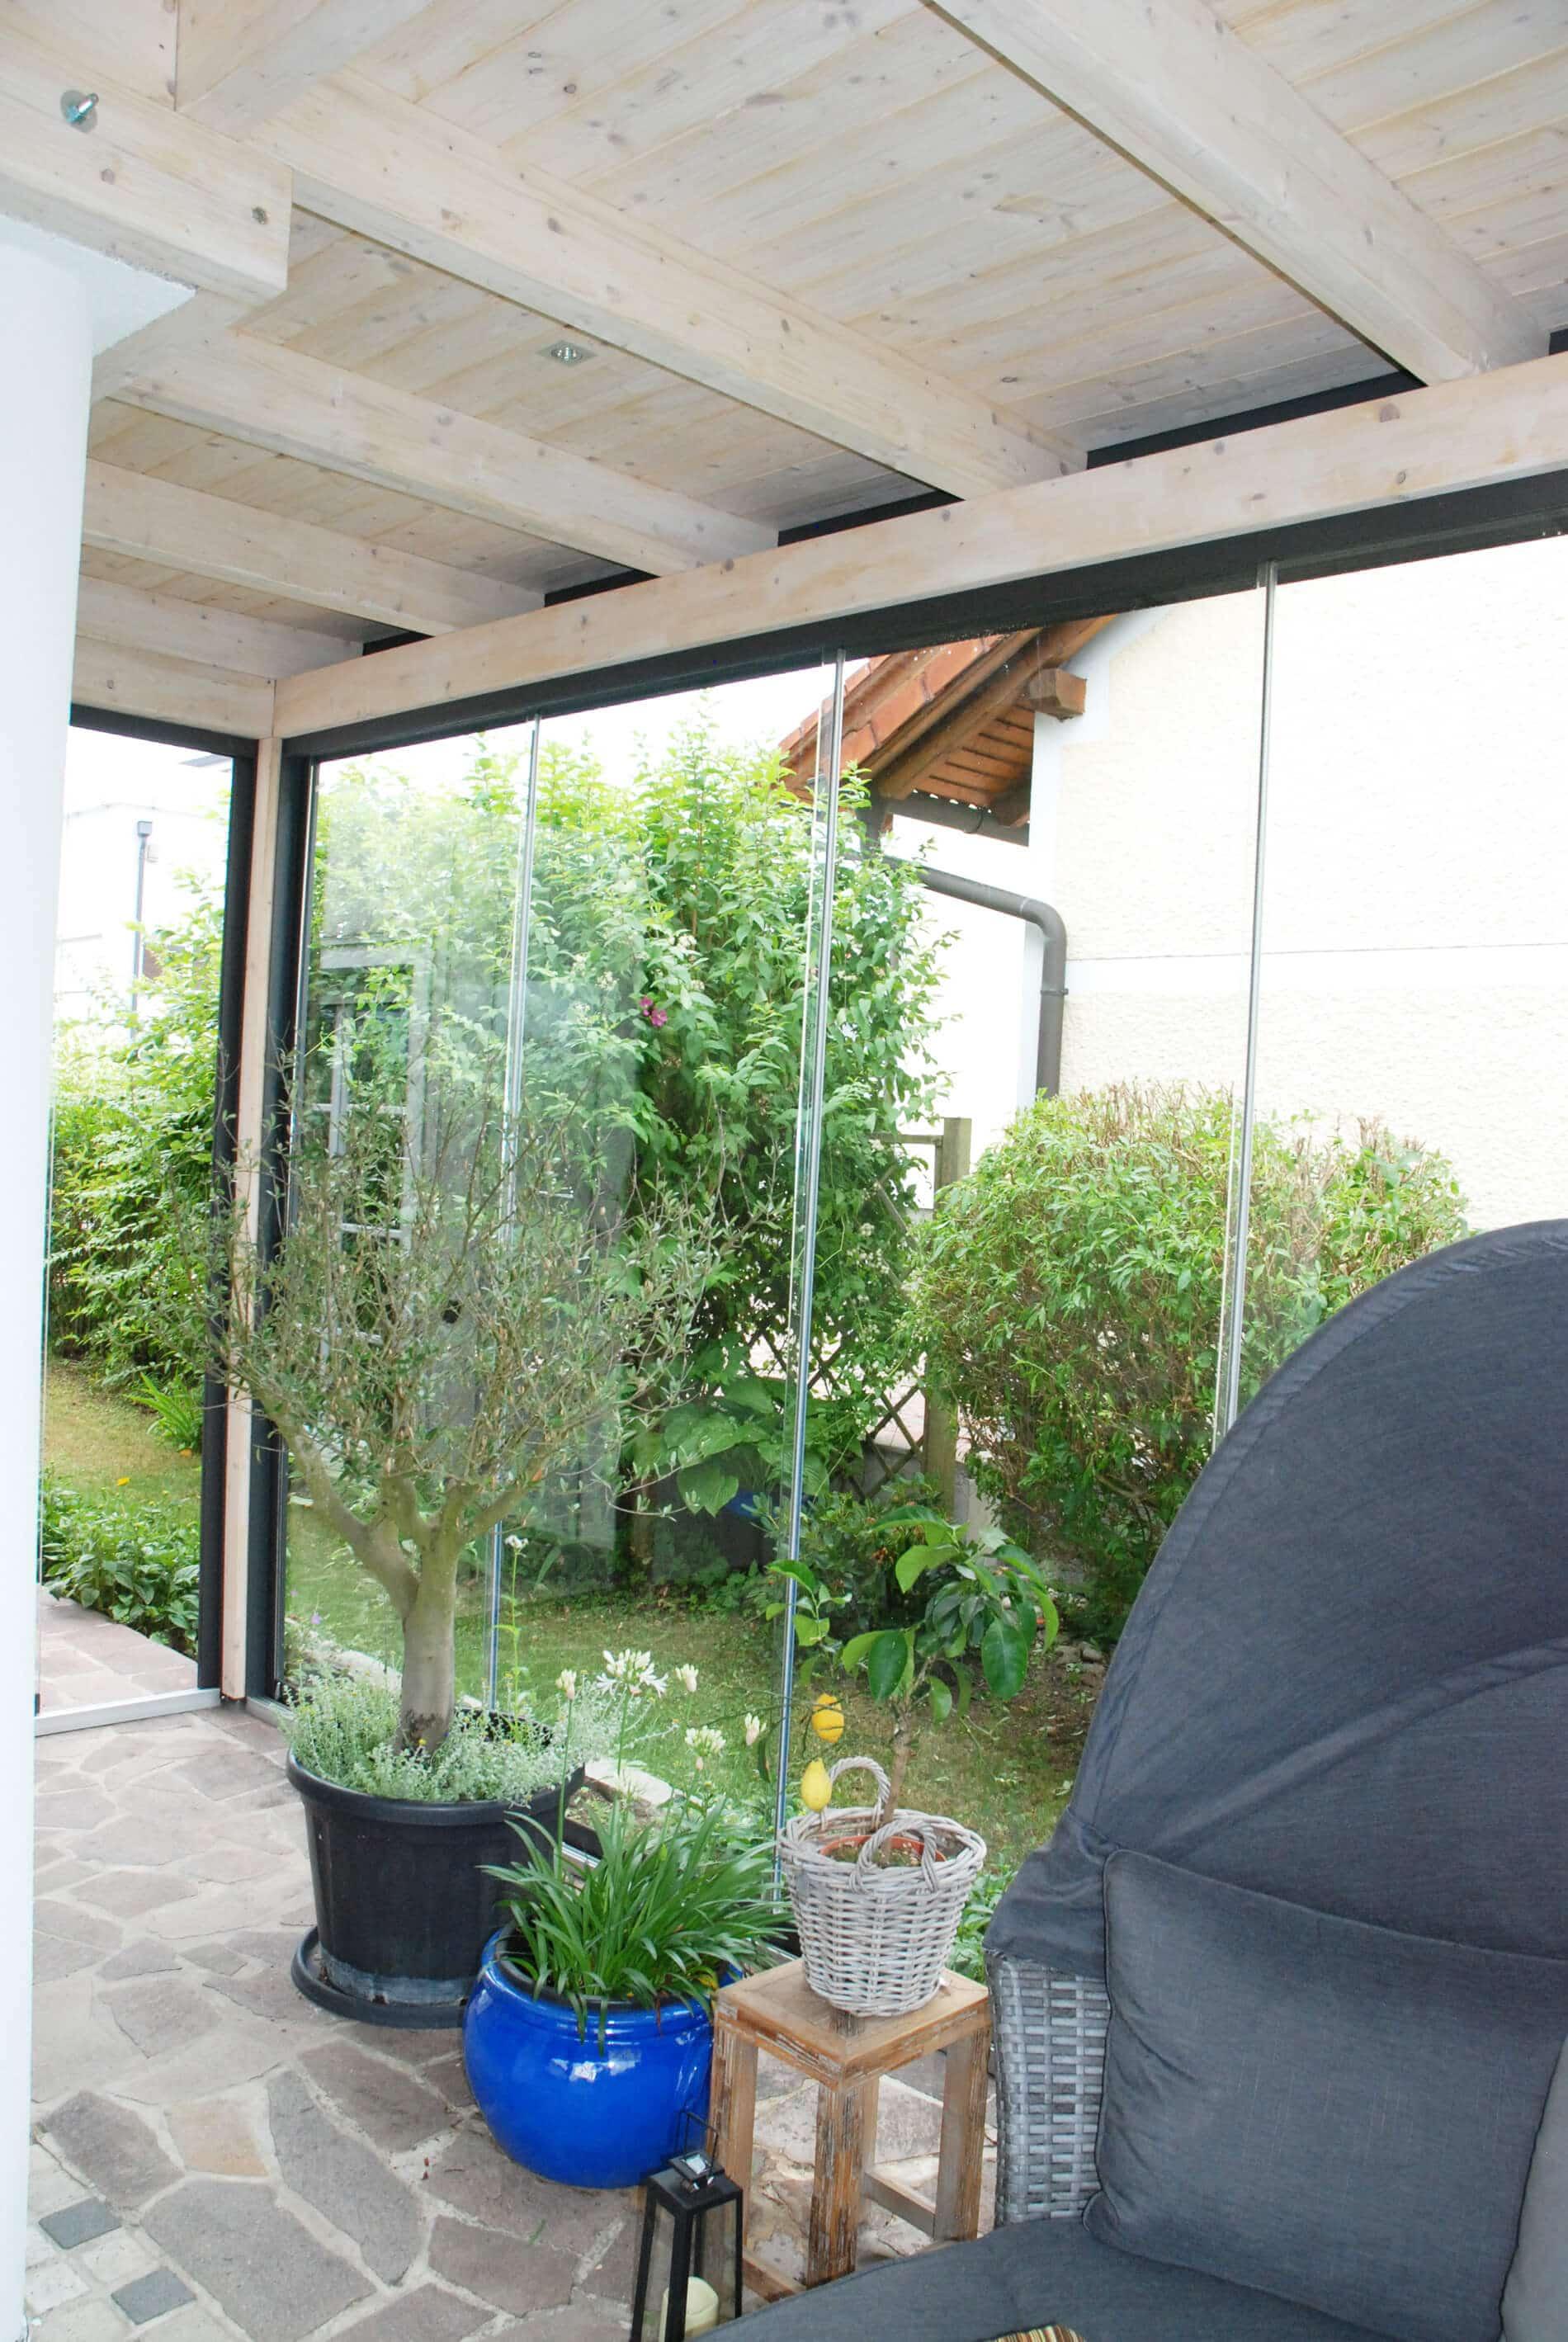 Wintergarten mit Glasschiebewänden als Windschutz